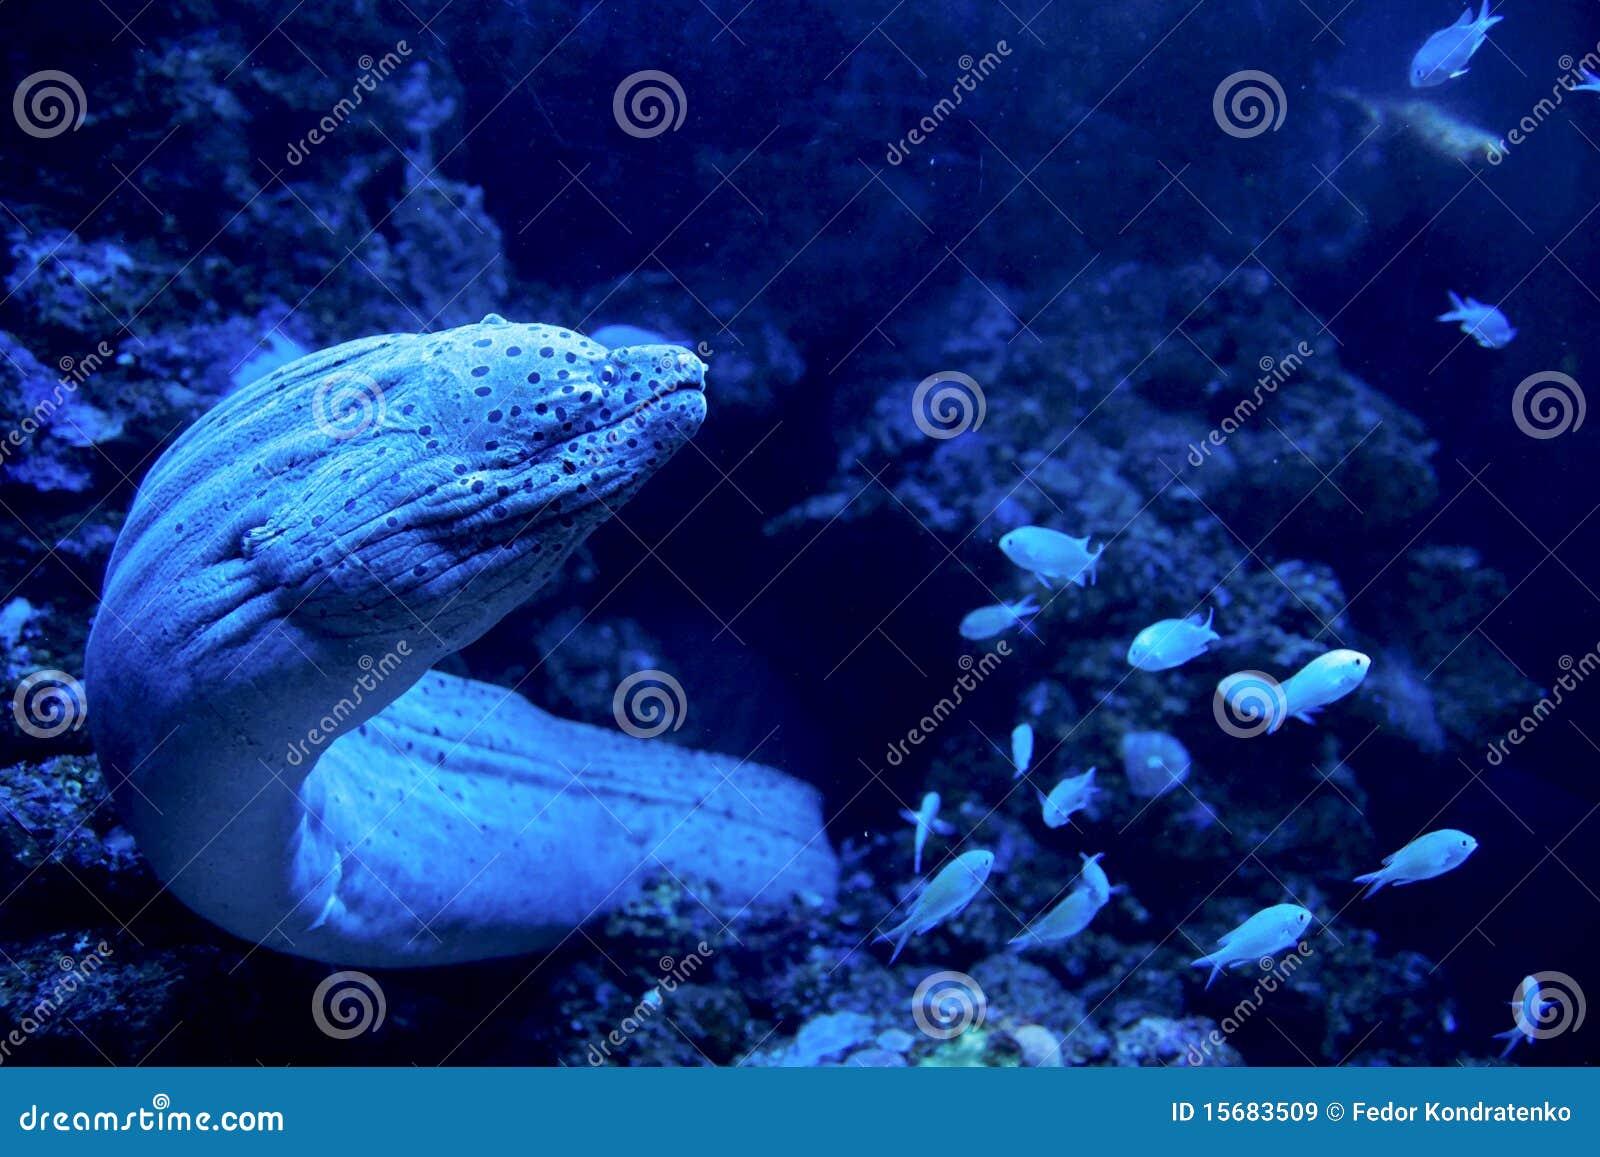 鳗鱼巨人去的搜索海鳗